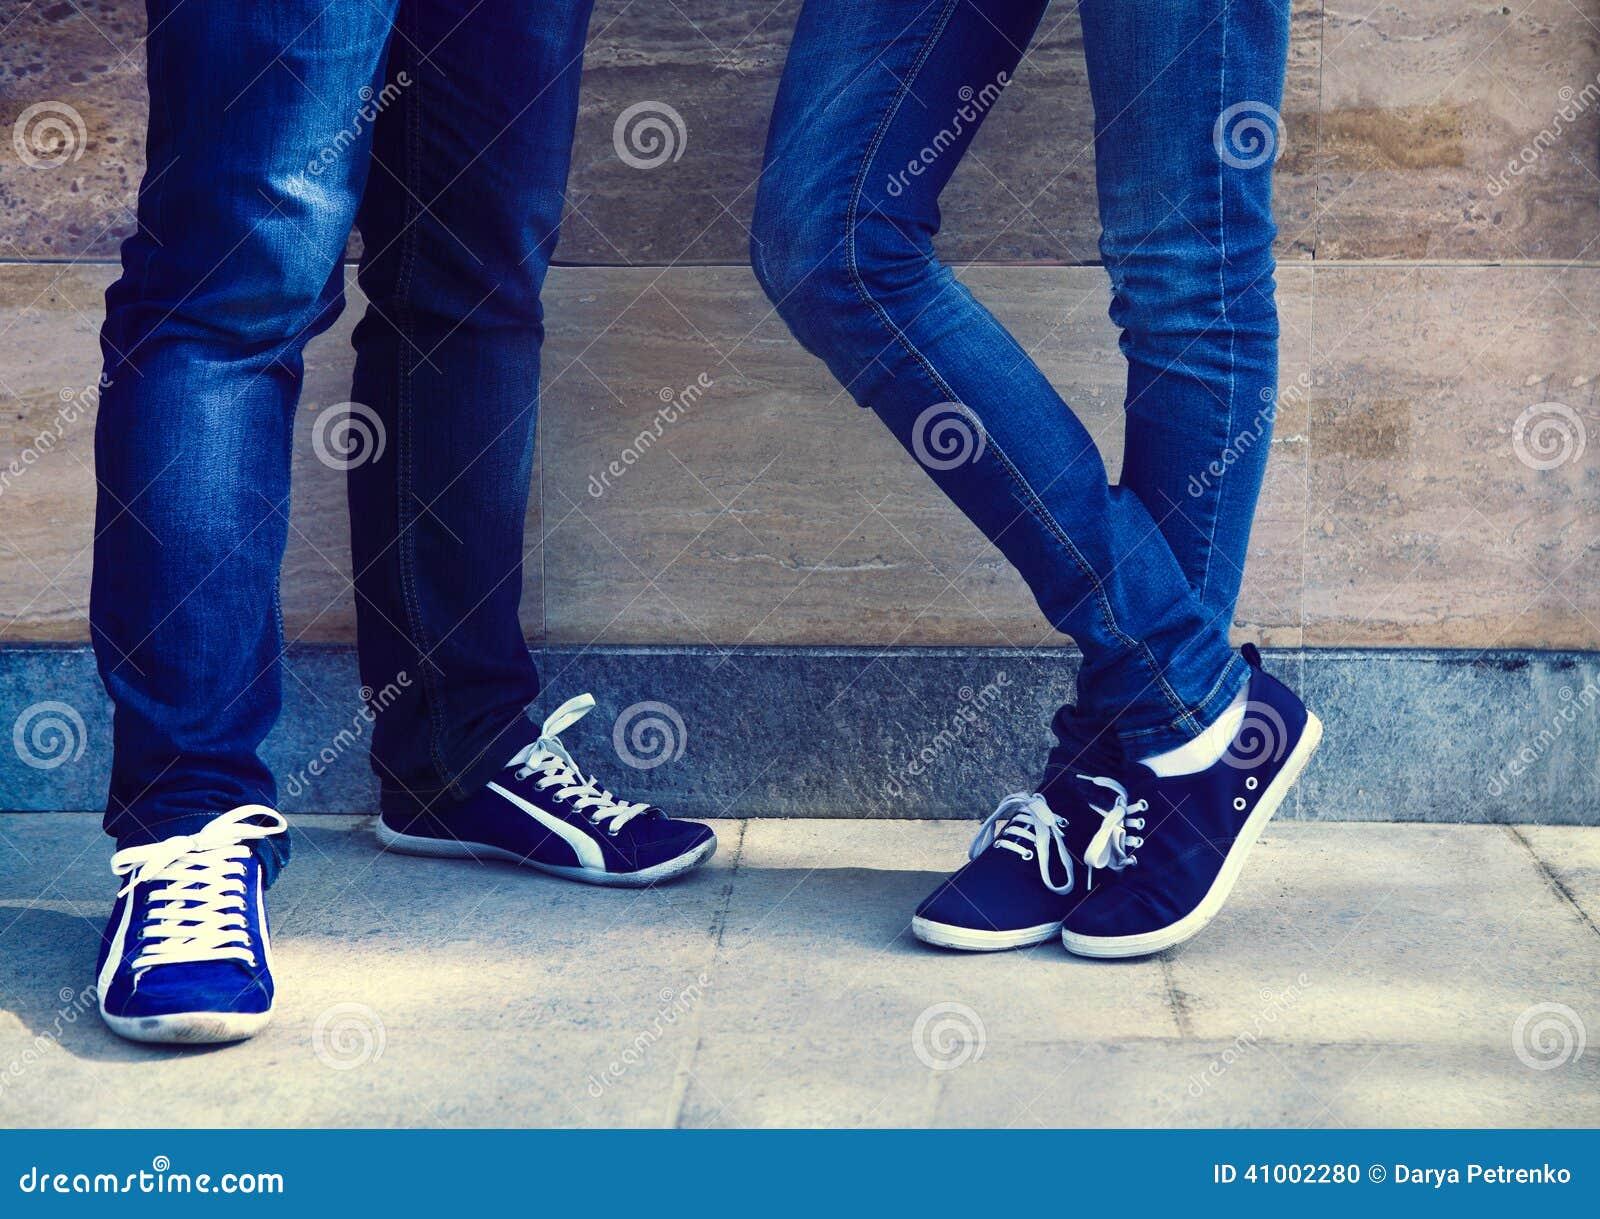 Фото в джинсах только ноги 24 фотография